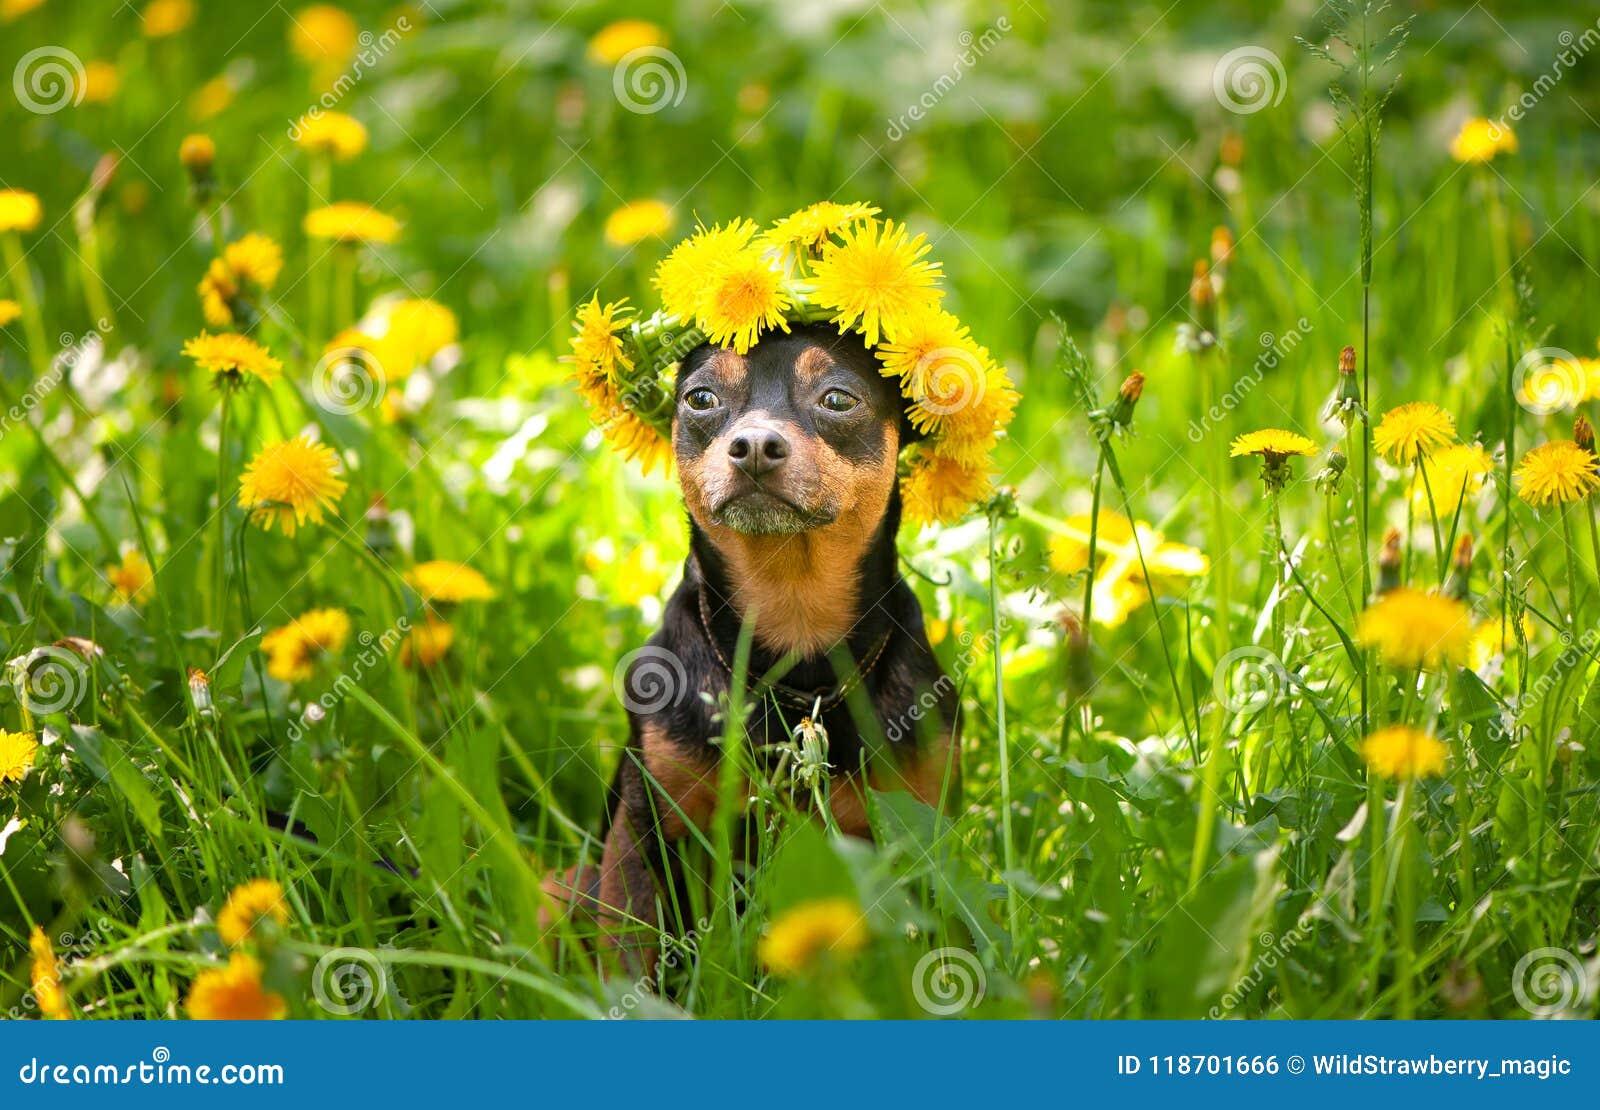 Il cucciolo del ute del ¡ di Ð, un cane in una corona della molla fiorisce su una fioritura